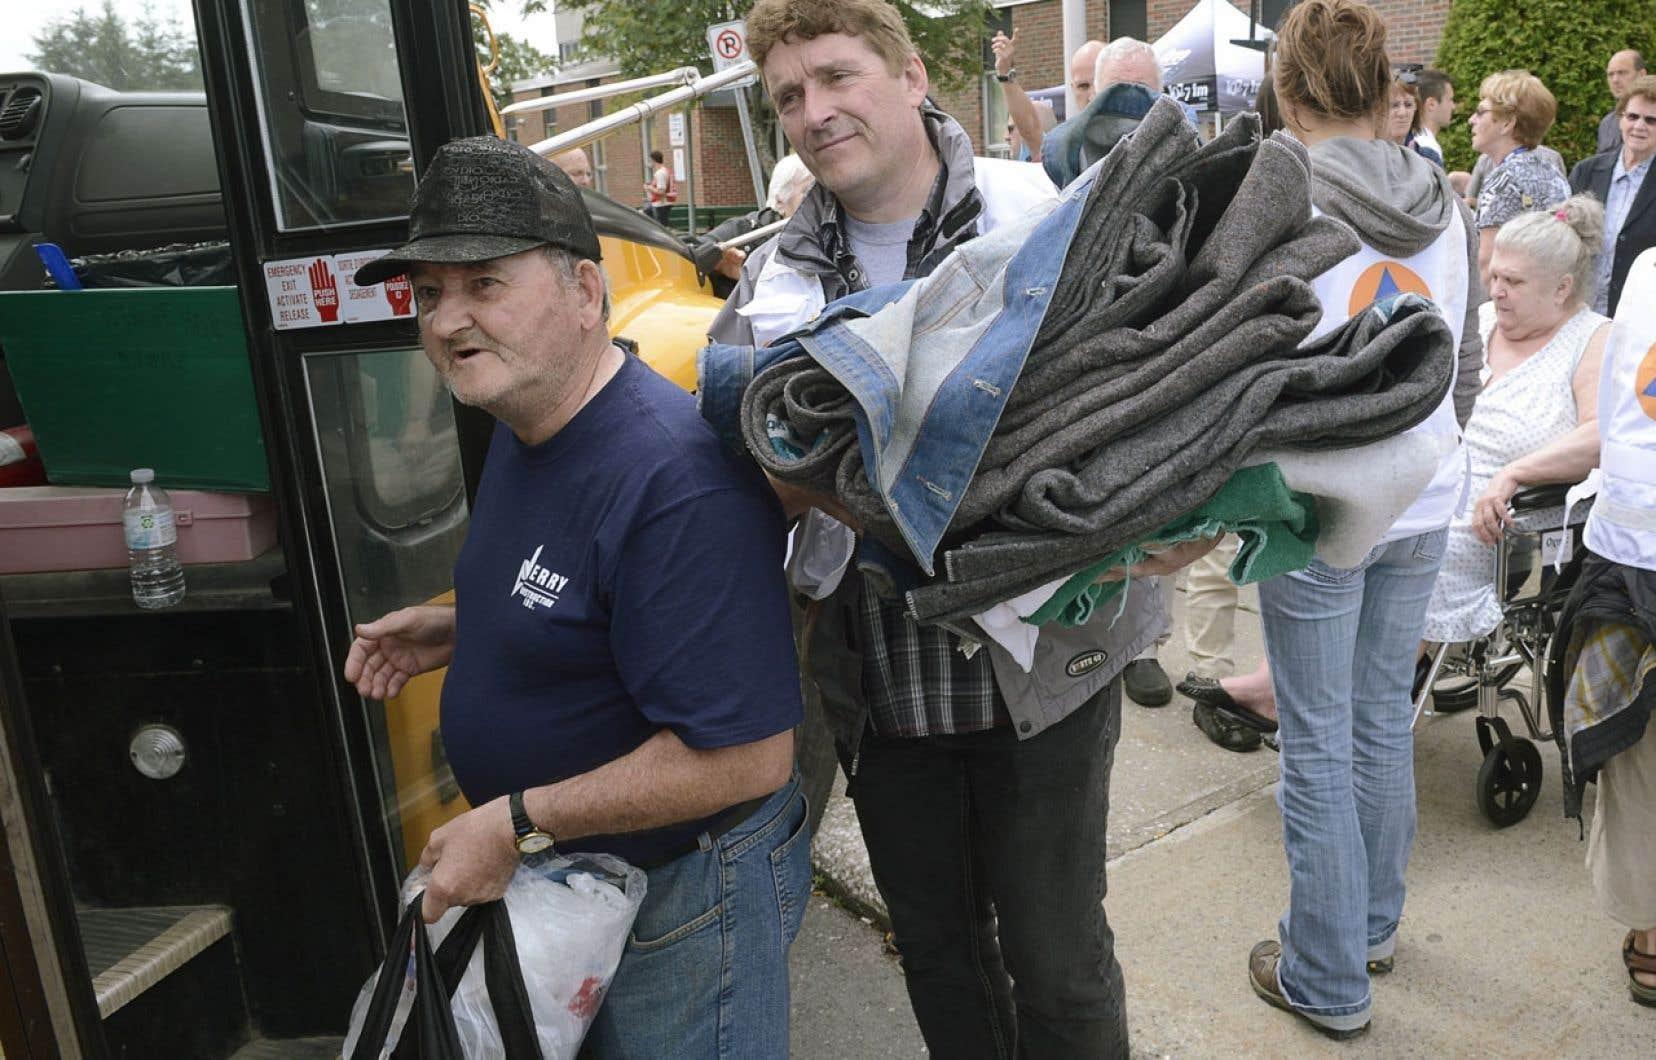 Un bénévole aide un résidant de Lac-Mégantic à transporter des effets personnels à bord d'un autobus d'écoliers. Plusieurs évacués ont pu rentrer chez eux lundi.